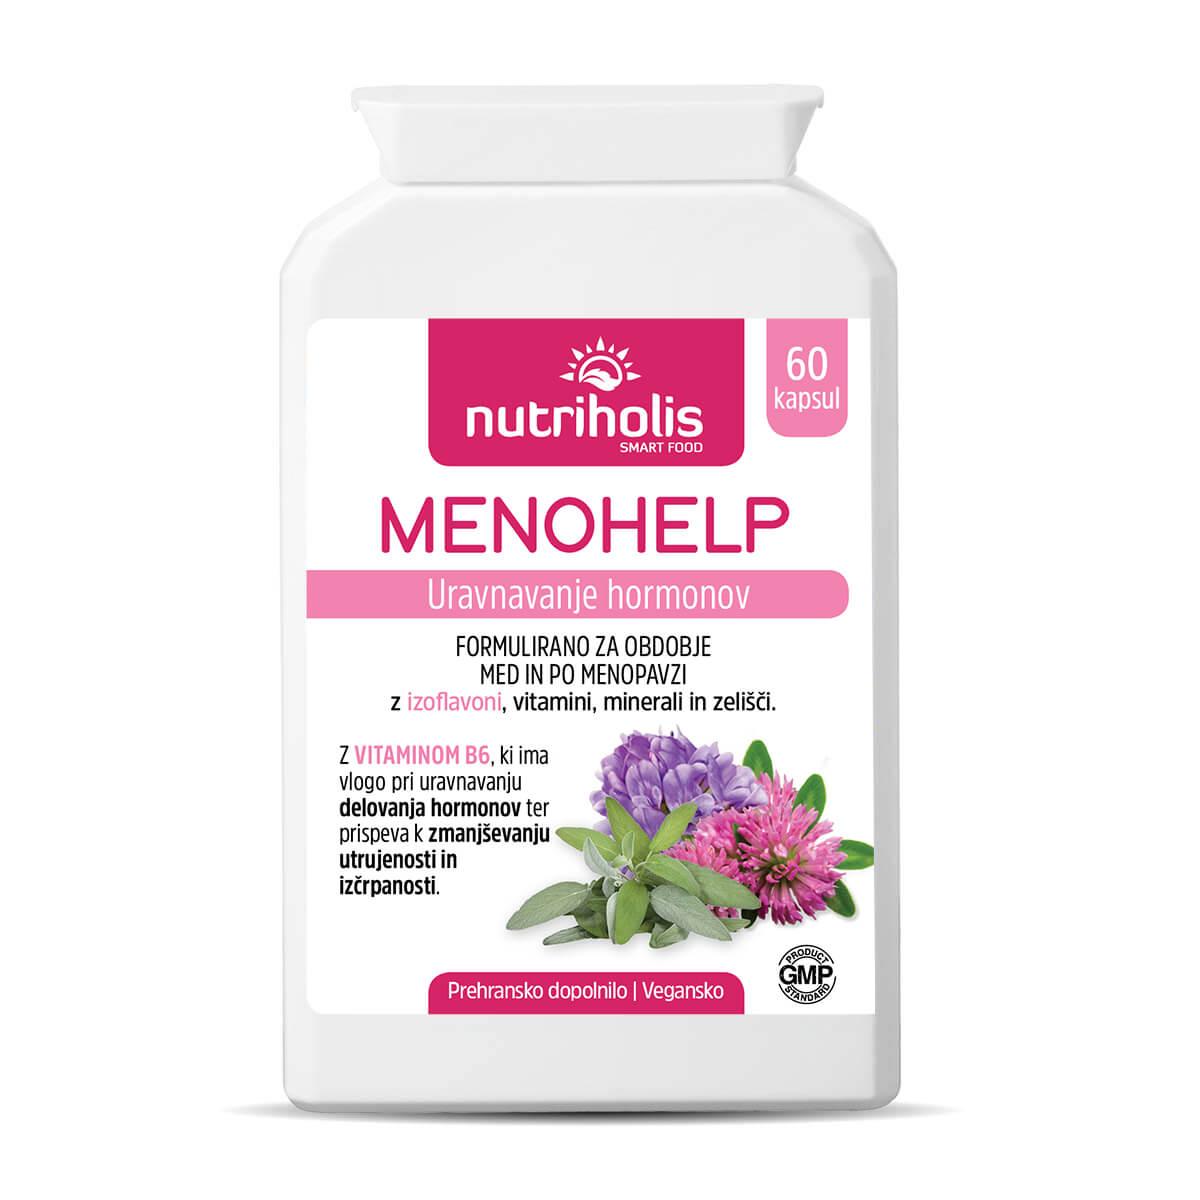 NutriHolis MenoHelp